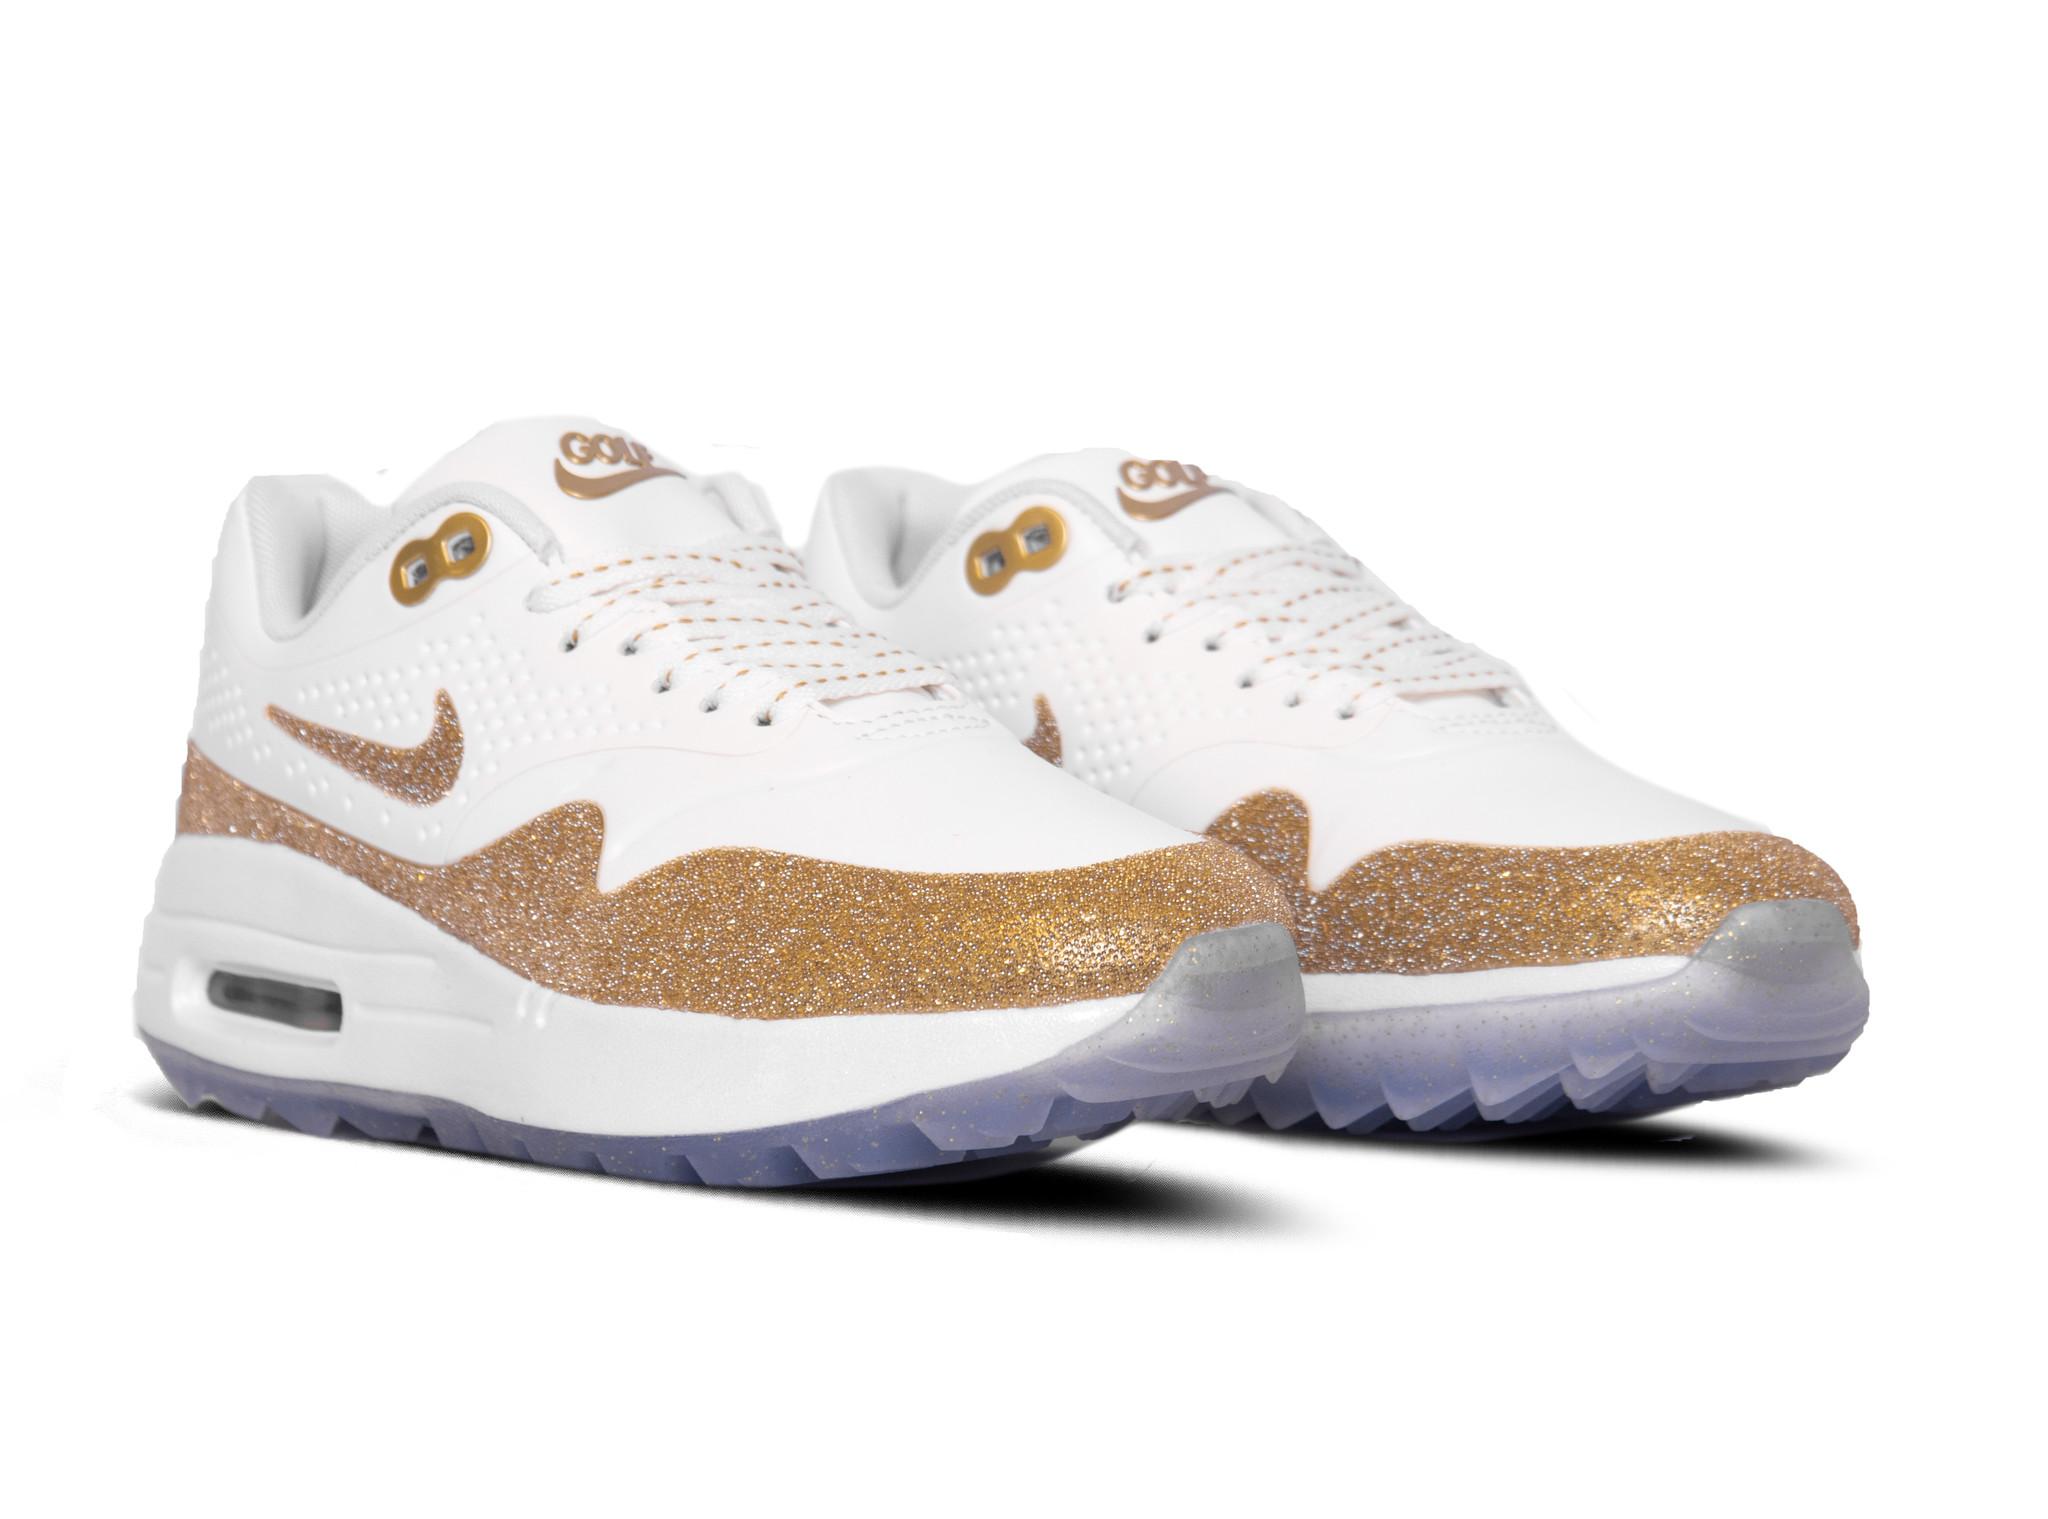 Nike Air Max 1 x Swarovski Summit White Metallic Gold White